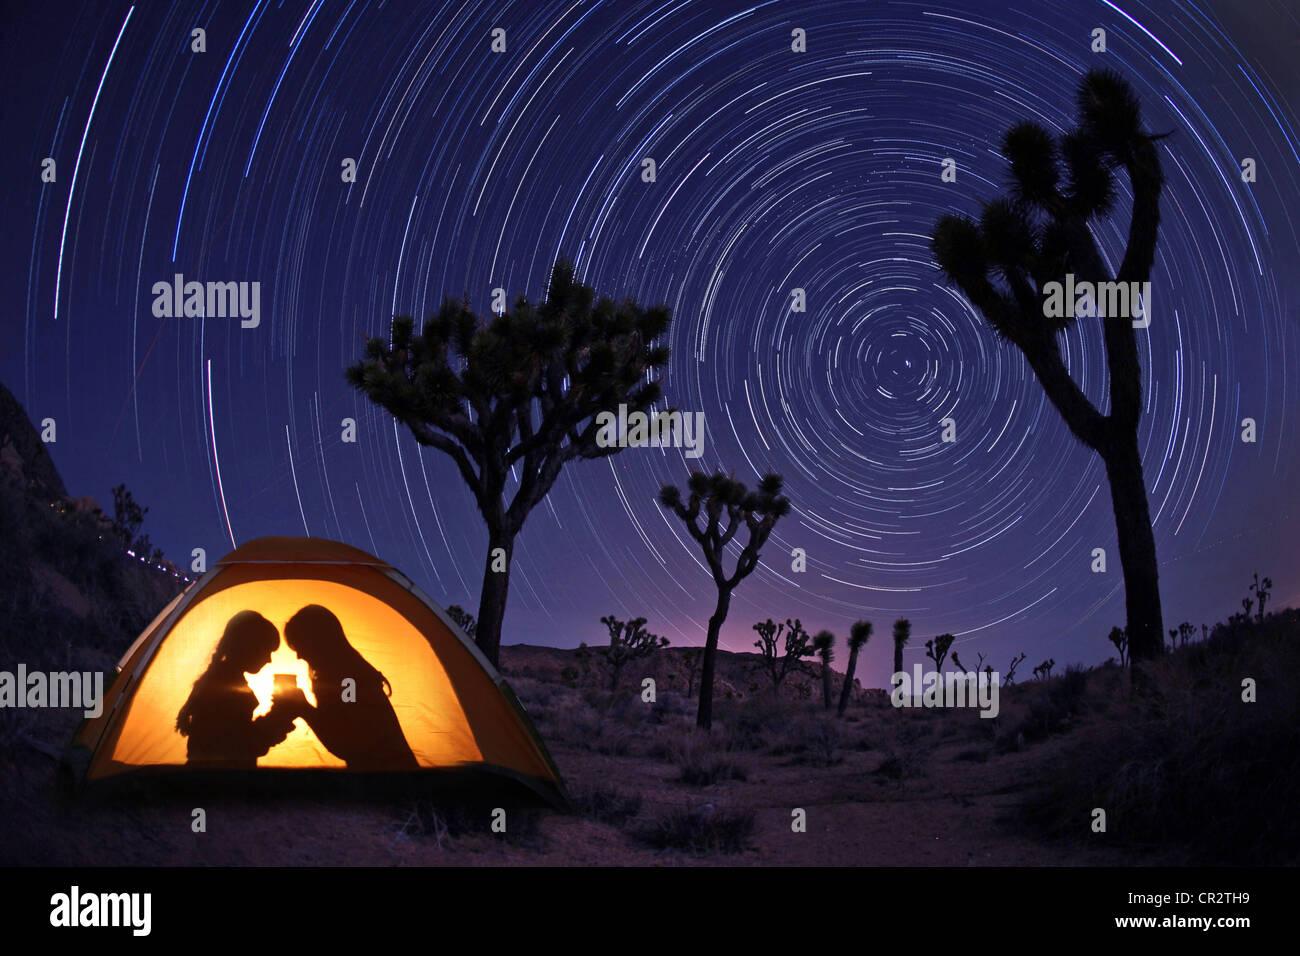 Kinder in der Nacht in einem Zelt mit Sternspuren Camping Stockbild